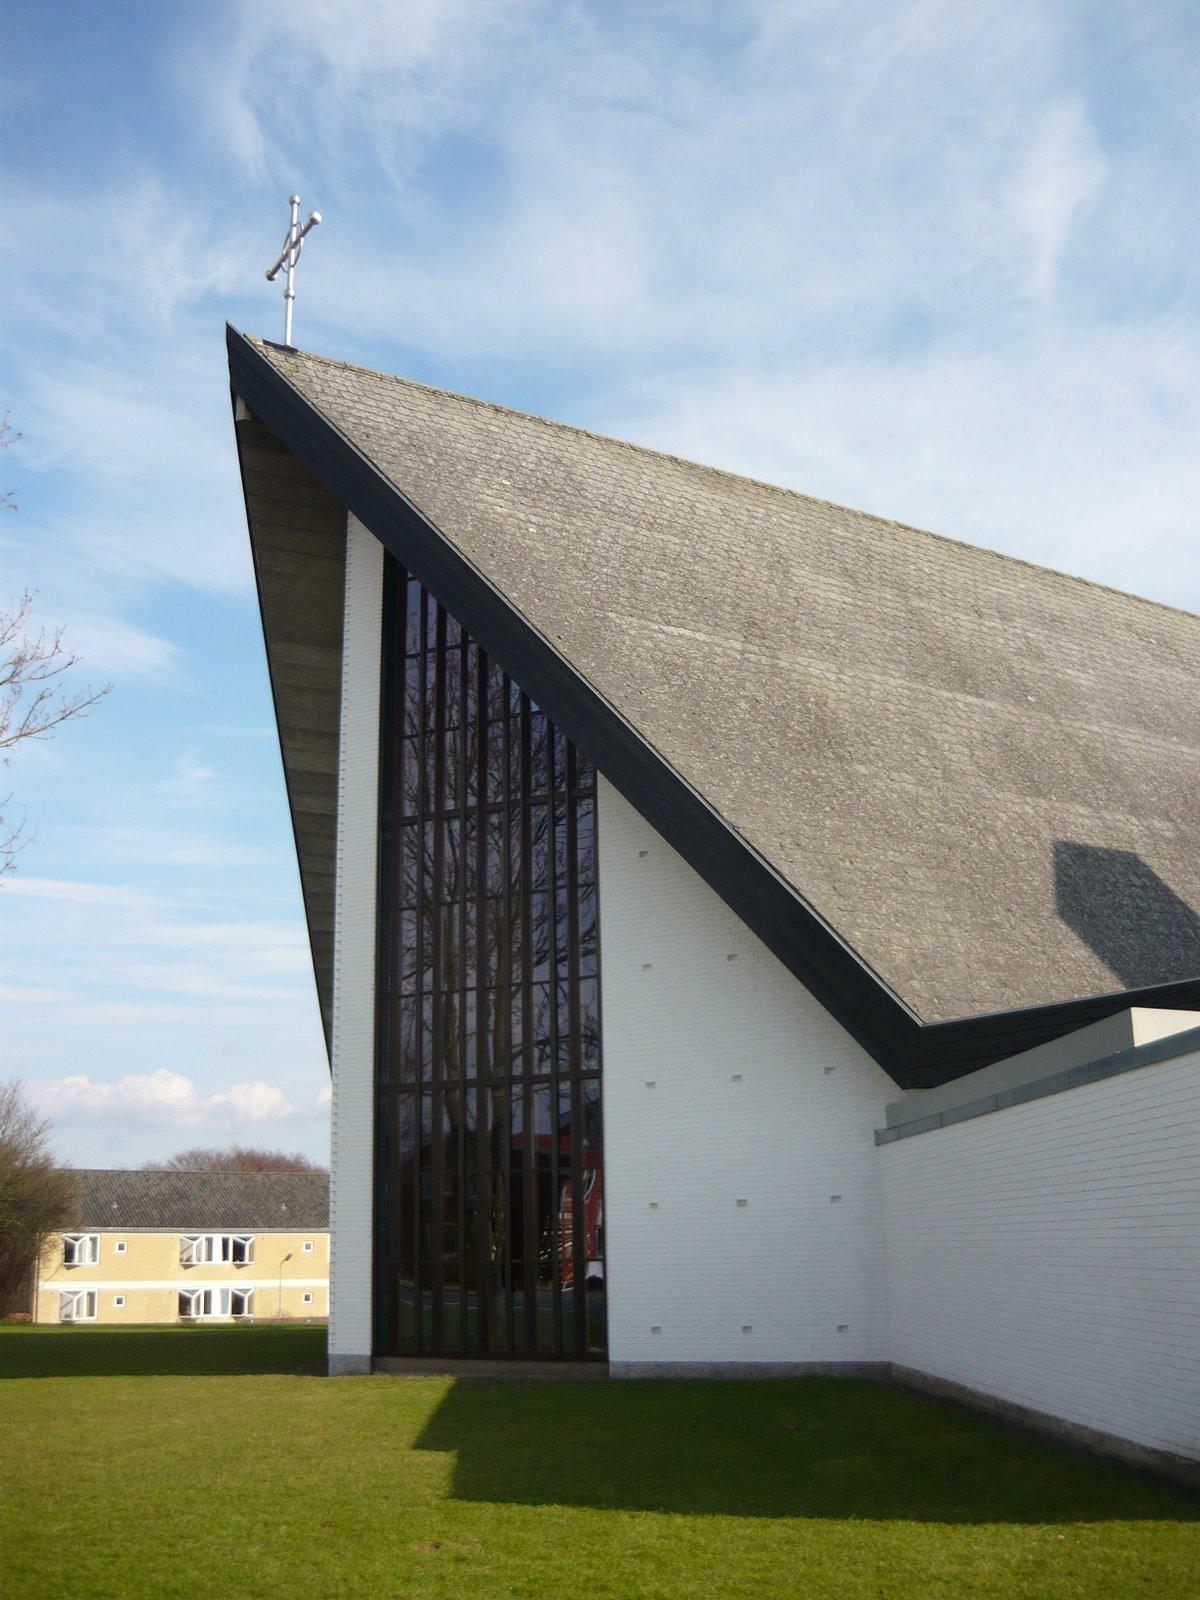 Korrekt luftfugtighed til Munkebjerg kirke